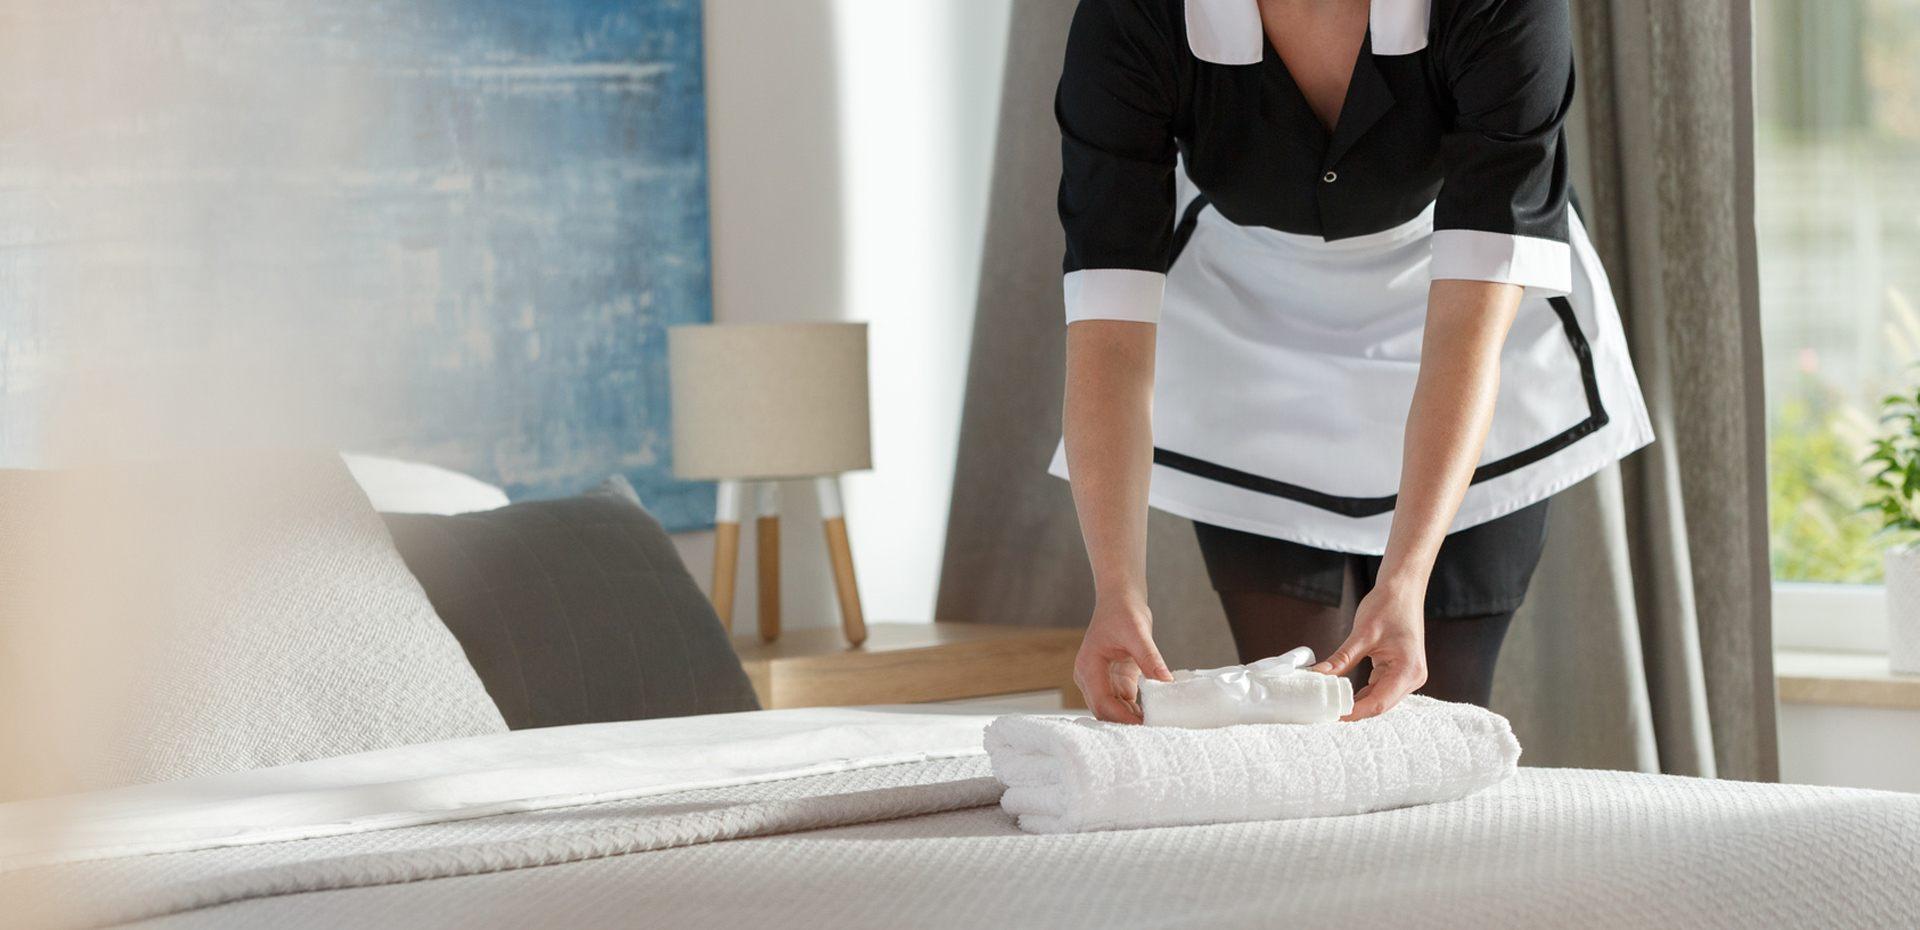 w najlepszej jakosci tekstylia hotelowe